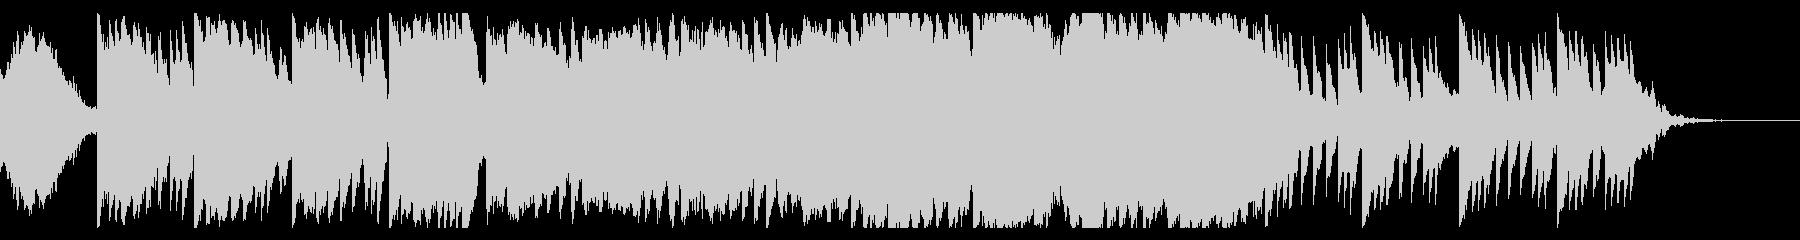 ホラー感を演出するBGMの未再生の波形